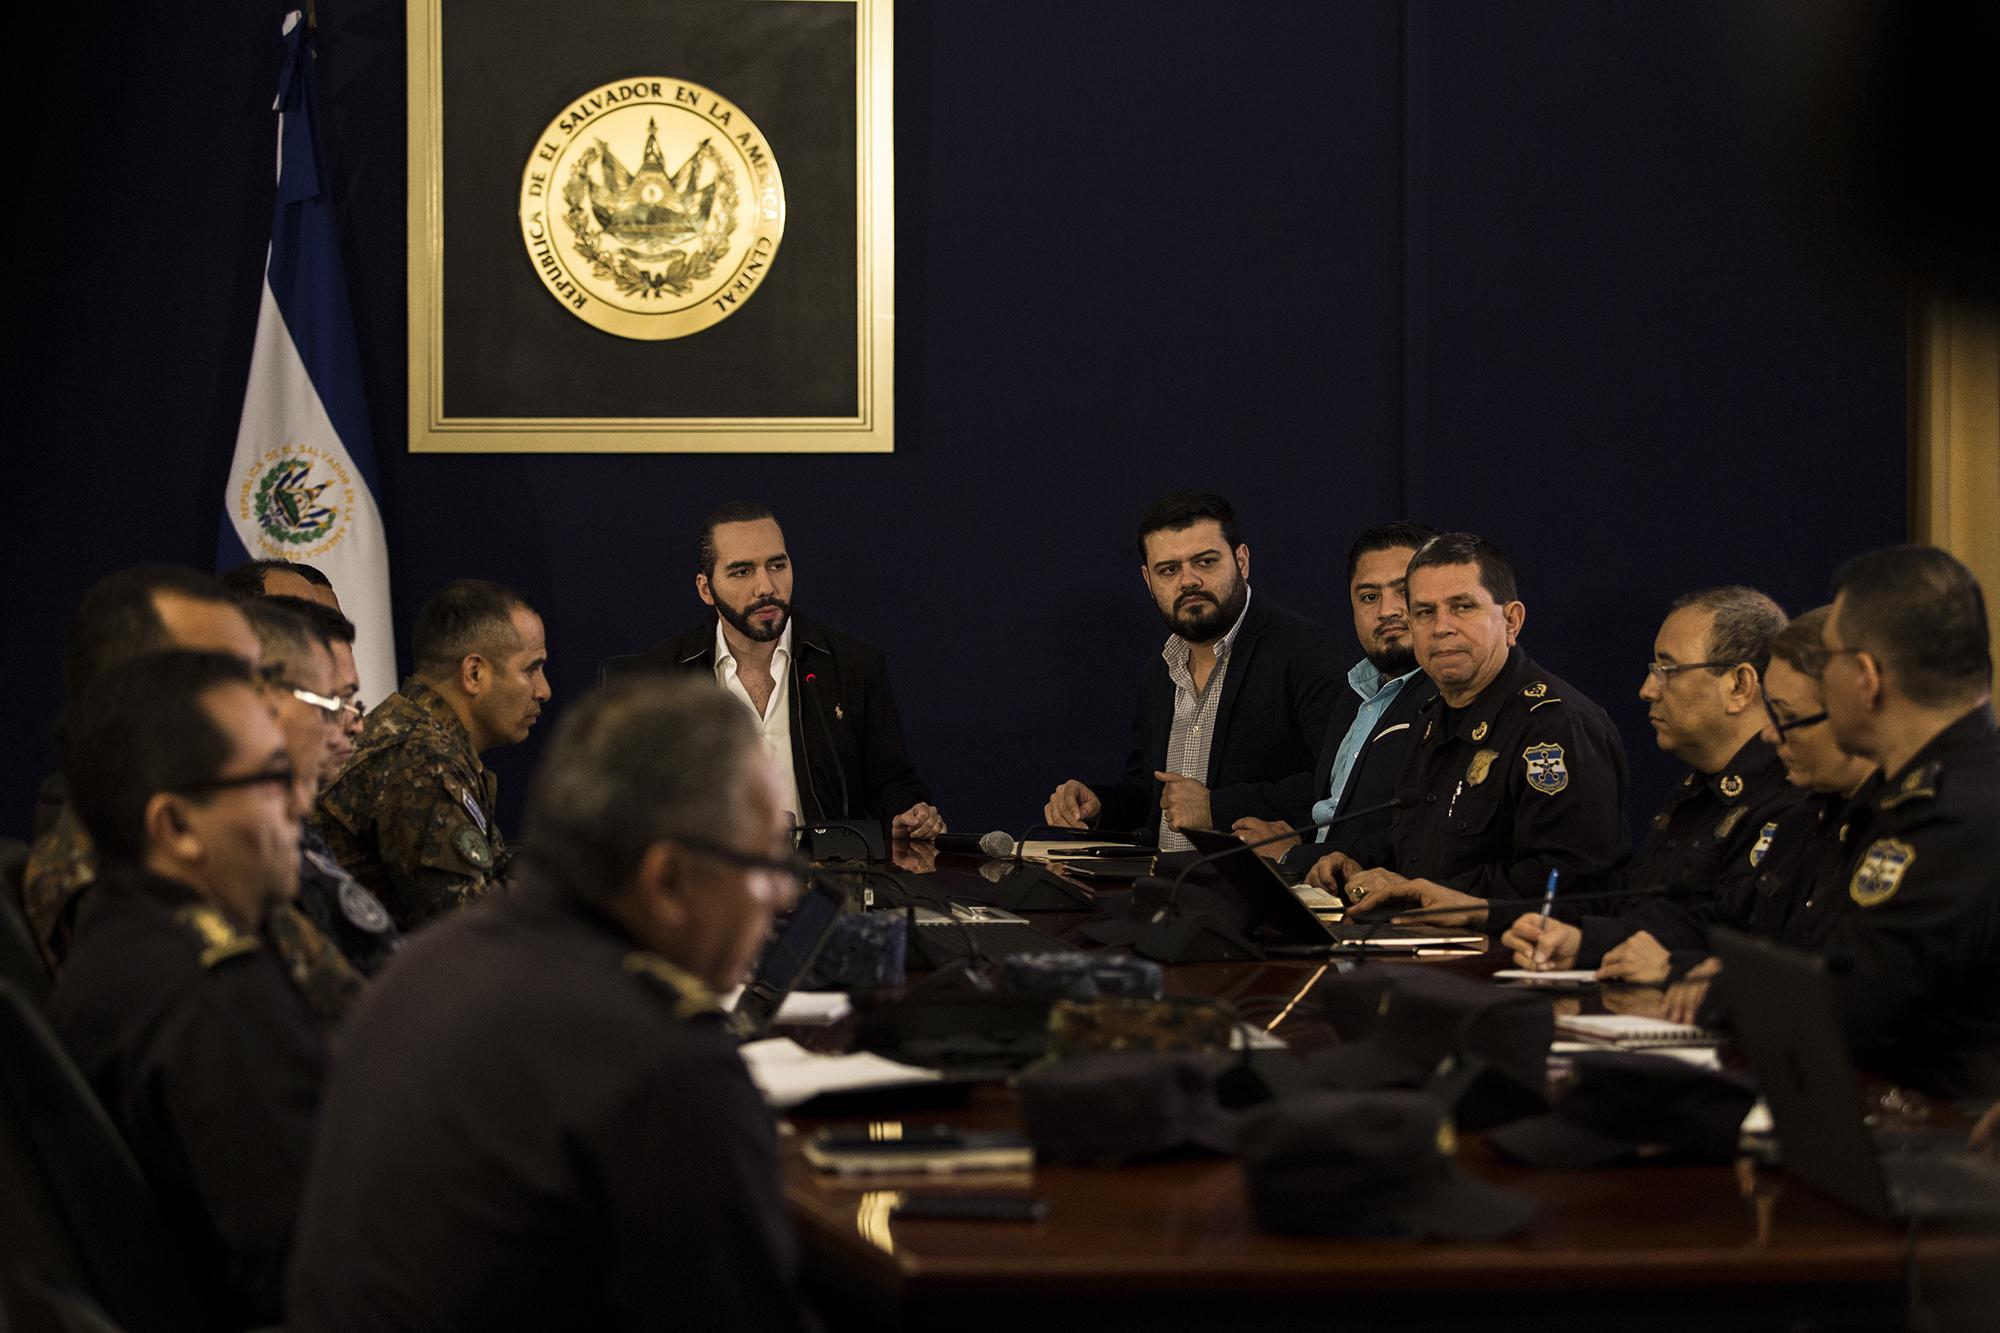 El presidente Bukele en una reunión con el gabinete de seguridad. Foto: Víctor Peña.